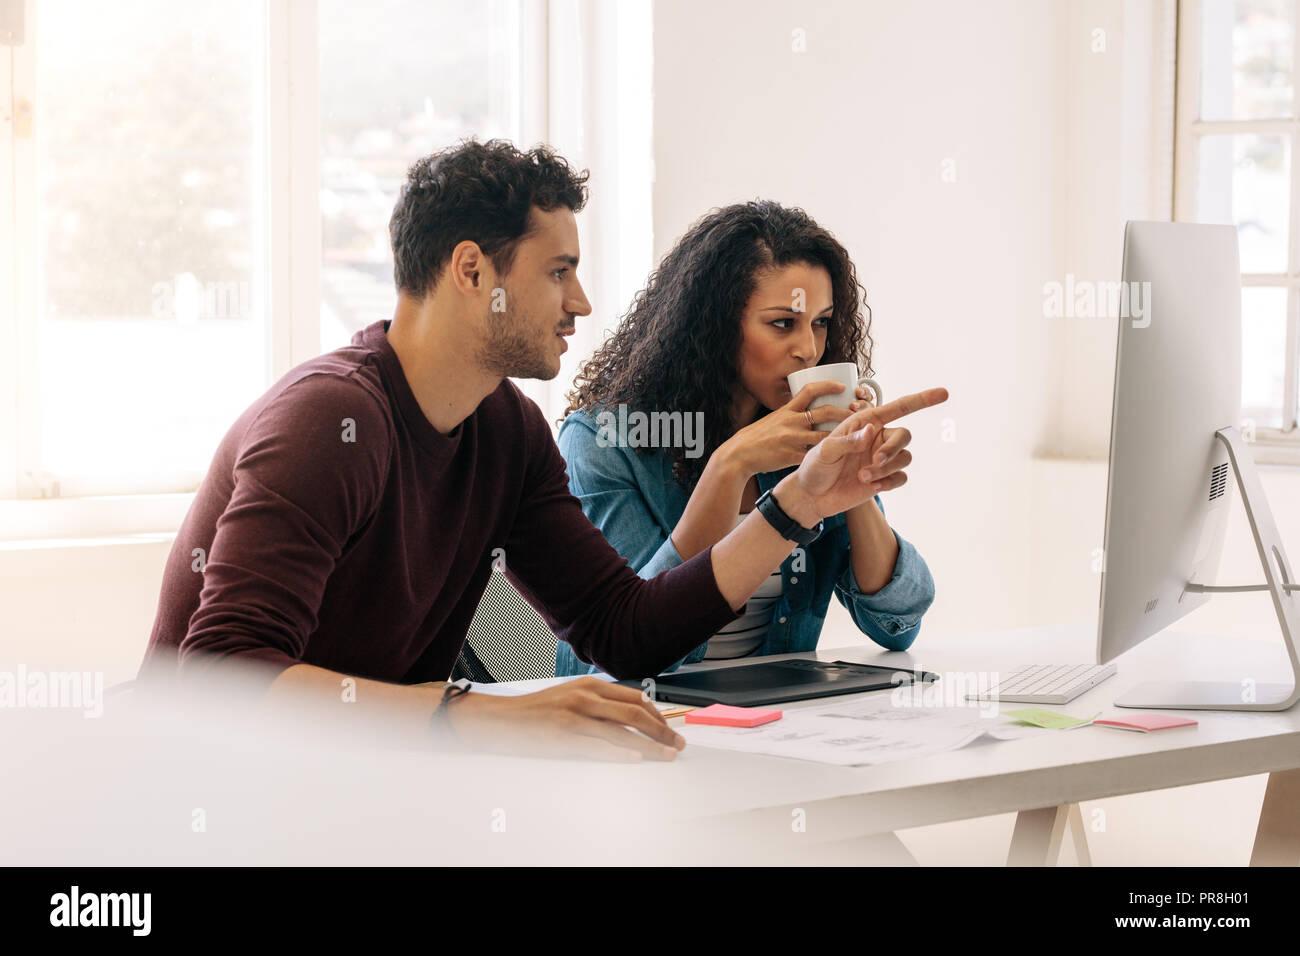 Empresario apuntando hacia el ordenador Mientras discutía de trabajar con un socio de negocios. Empresaria bebiendo café mientras discutía con el trabajo Imagen De Stock